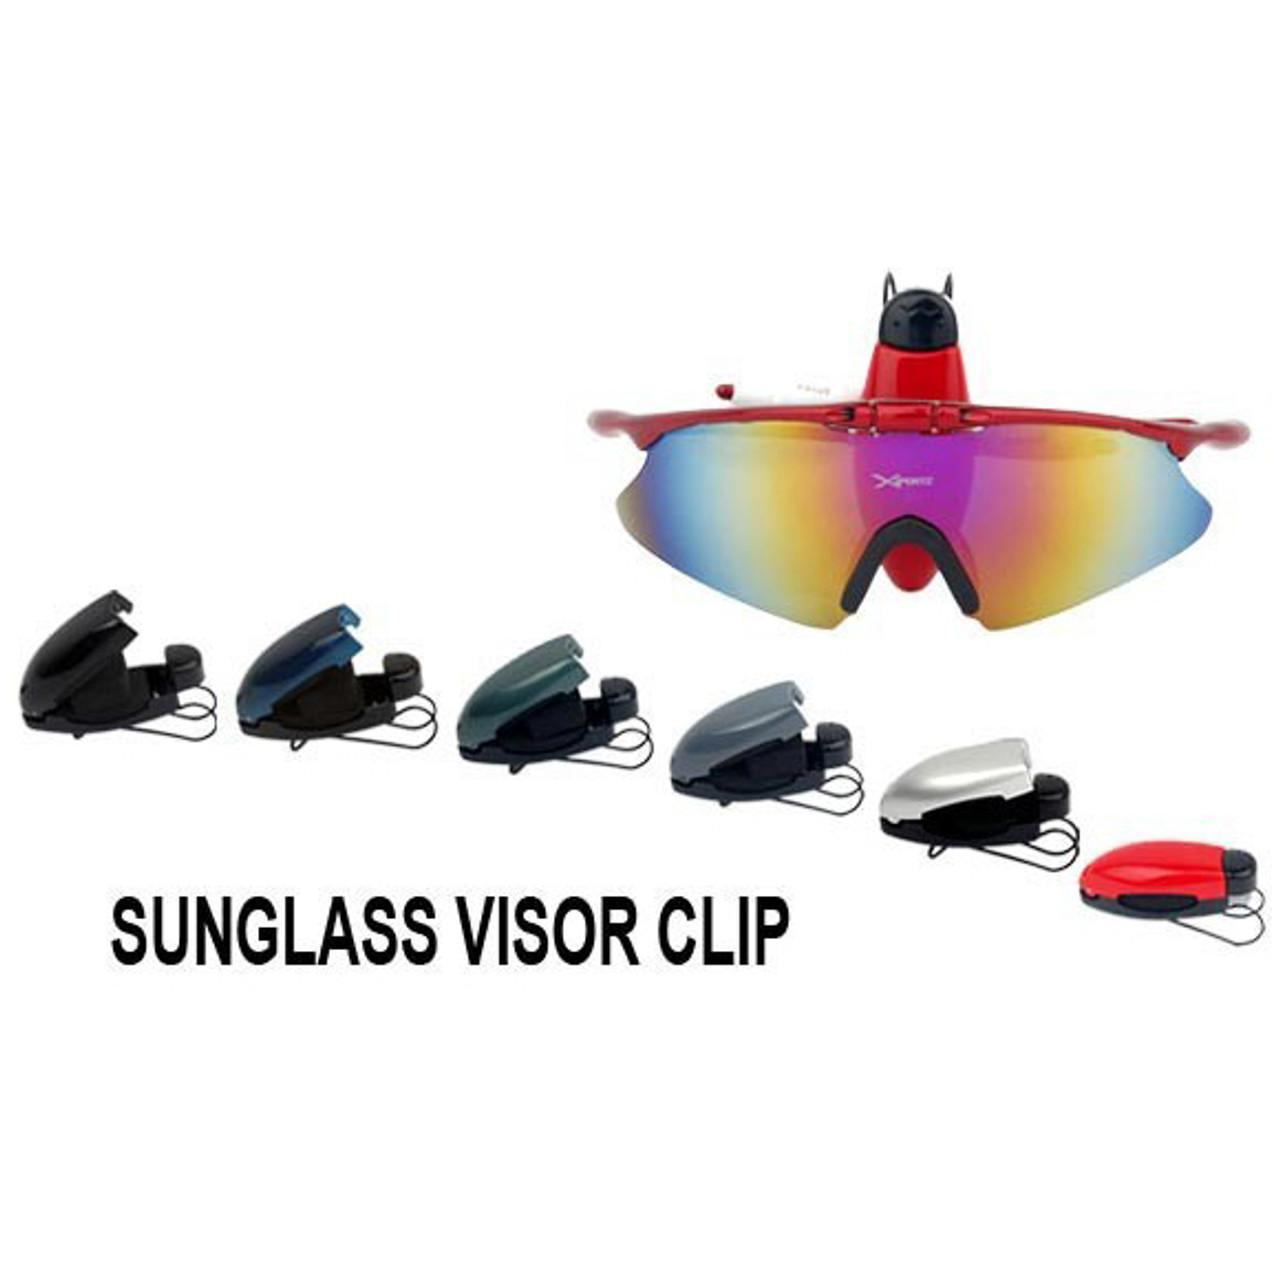 Visor Clips Wholesale 0059 (12 pcs.) Assorted Colors